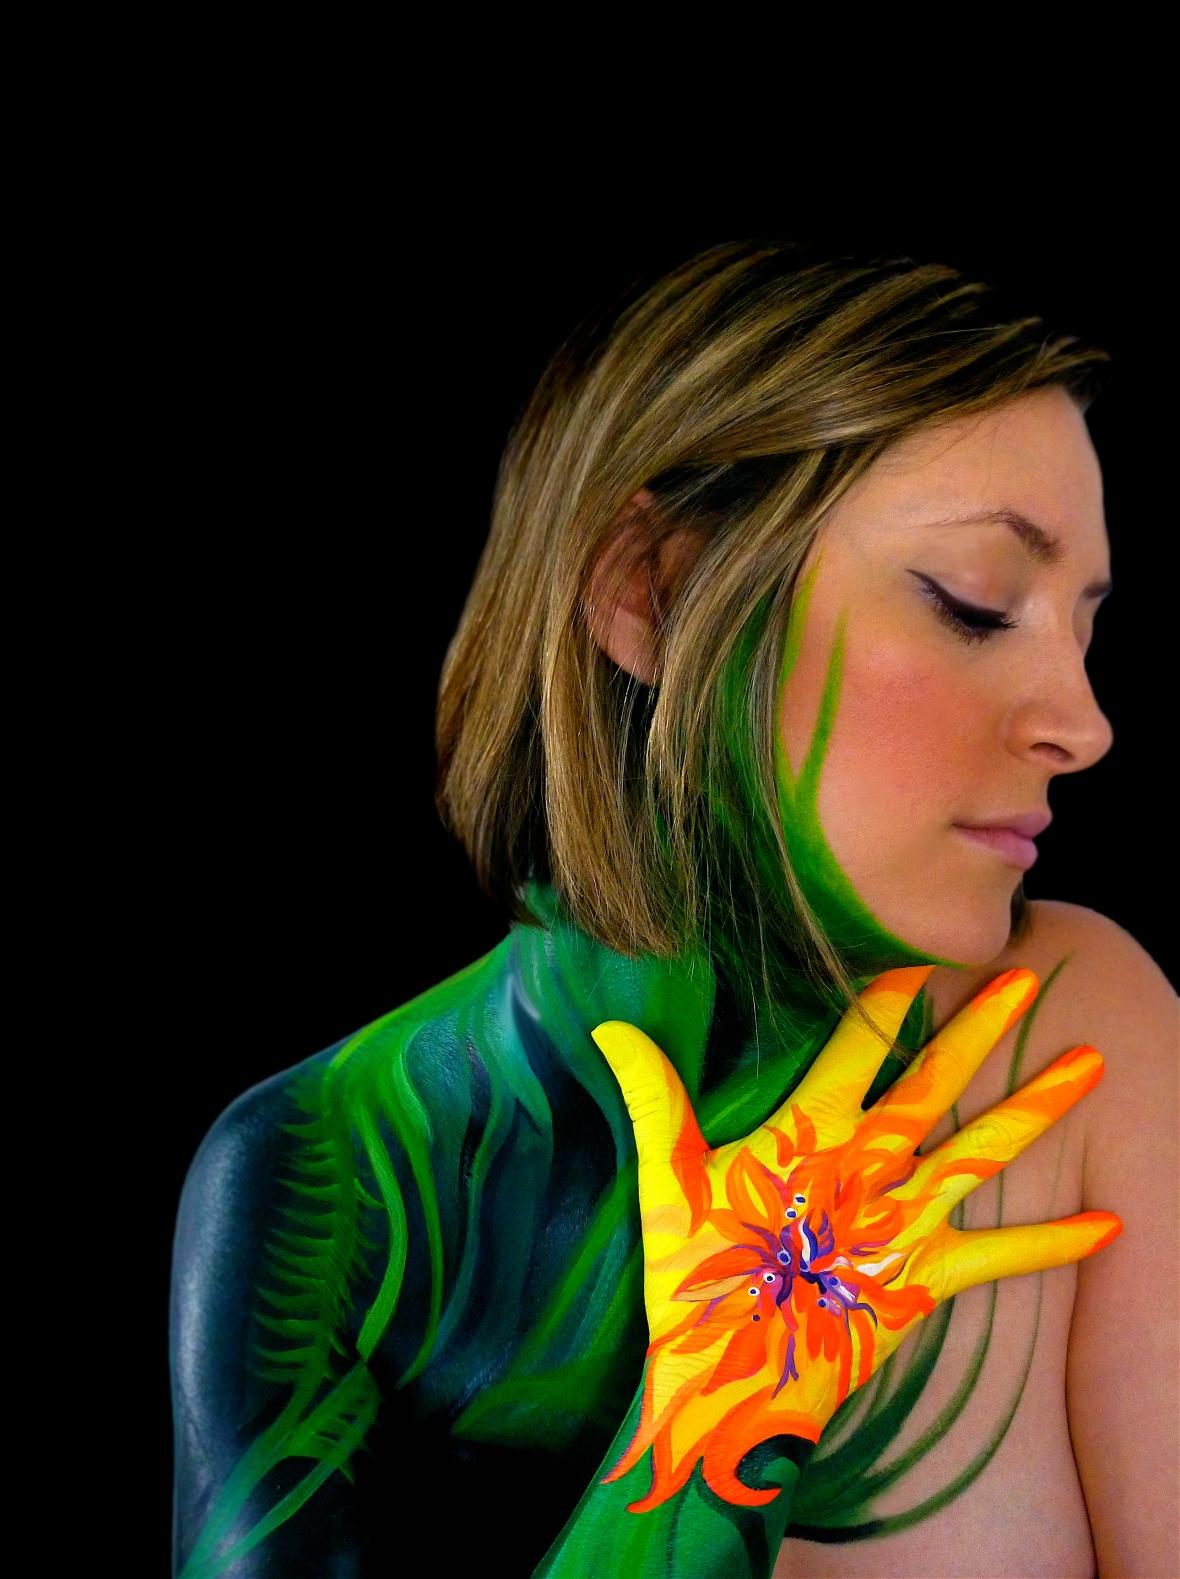 Cynthia, my tropical flower.